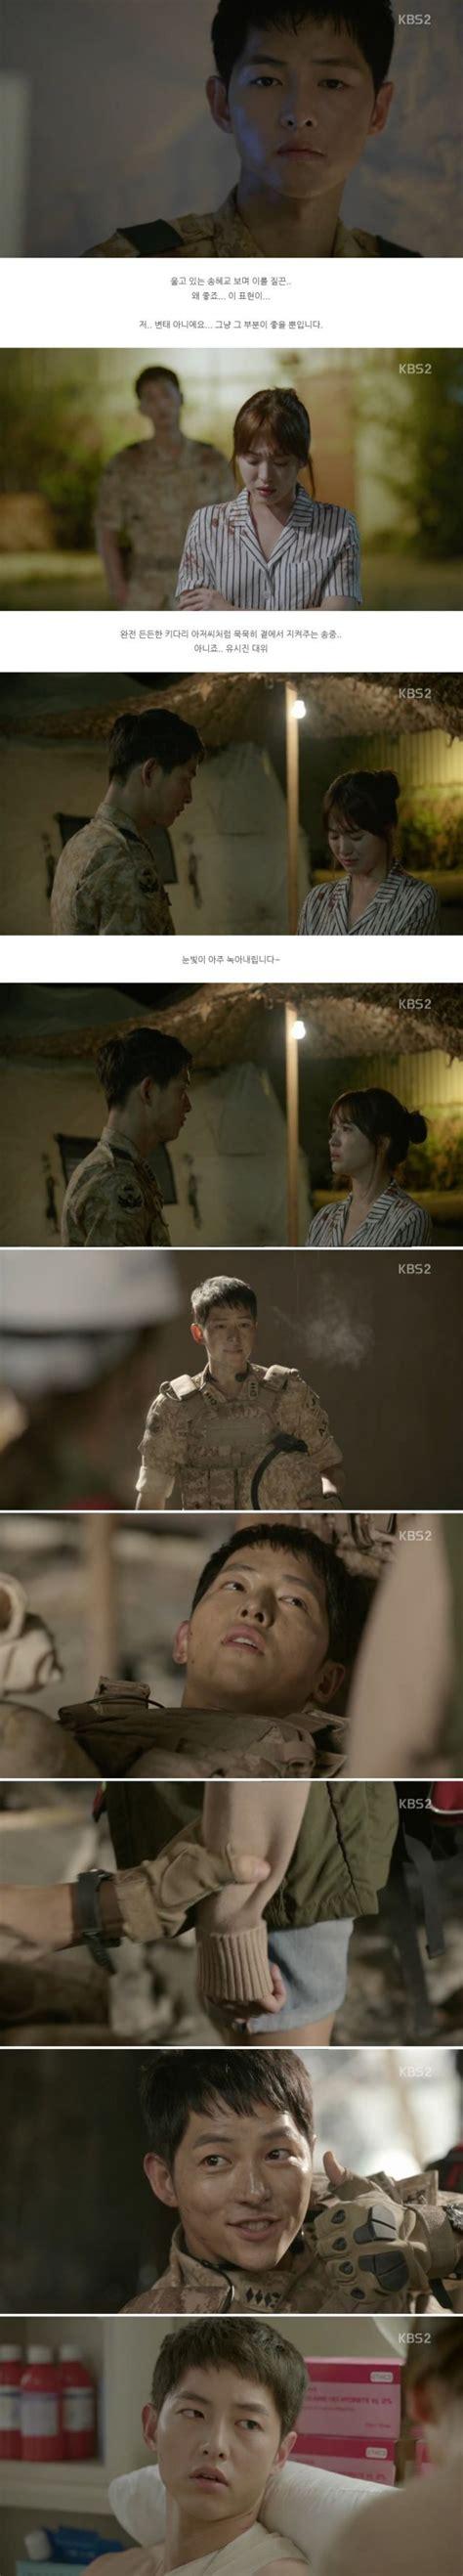 film korea descendants of the sun spoiler added episode 8 captures for the korean drama